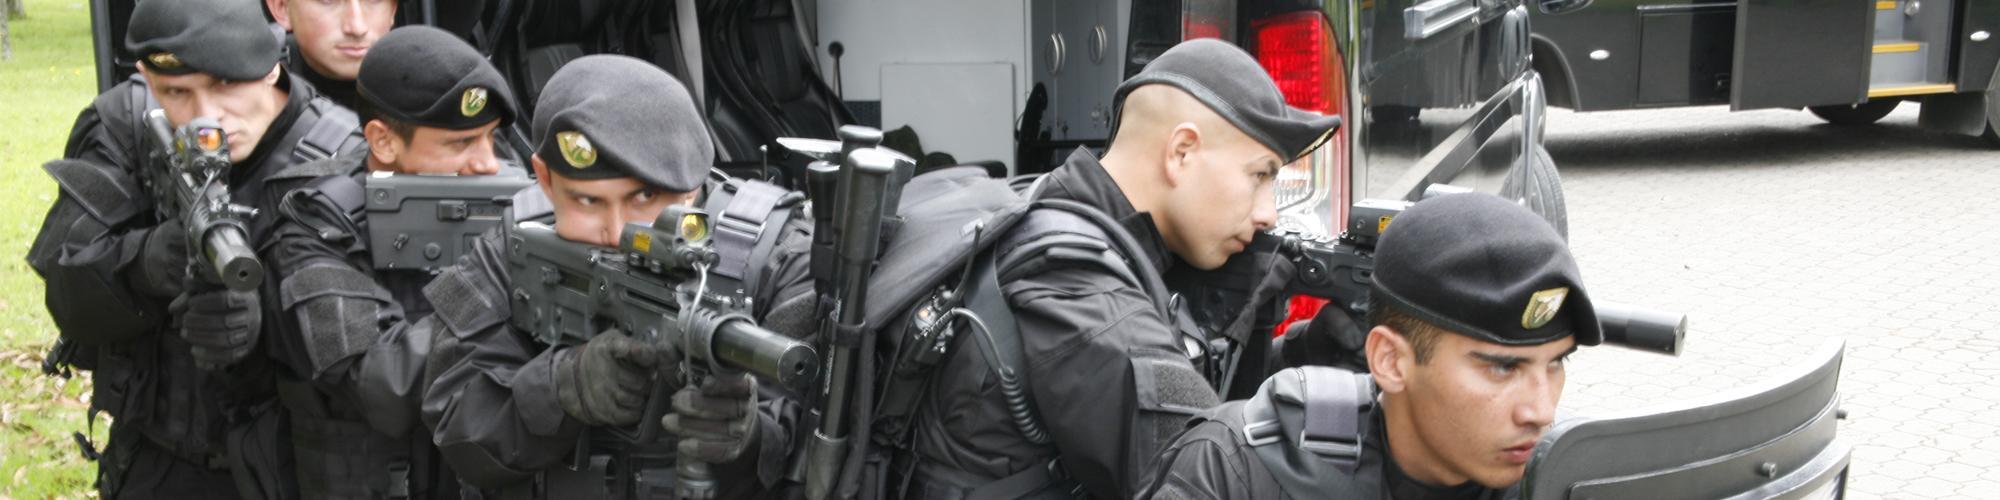 Unidad De Comandos En Operaciones Especiales Y